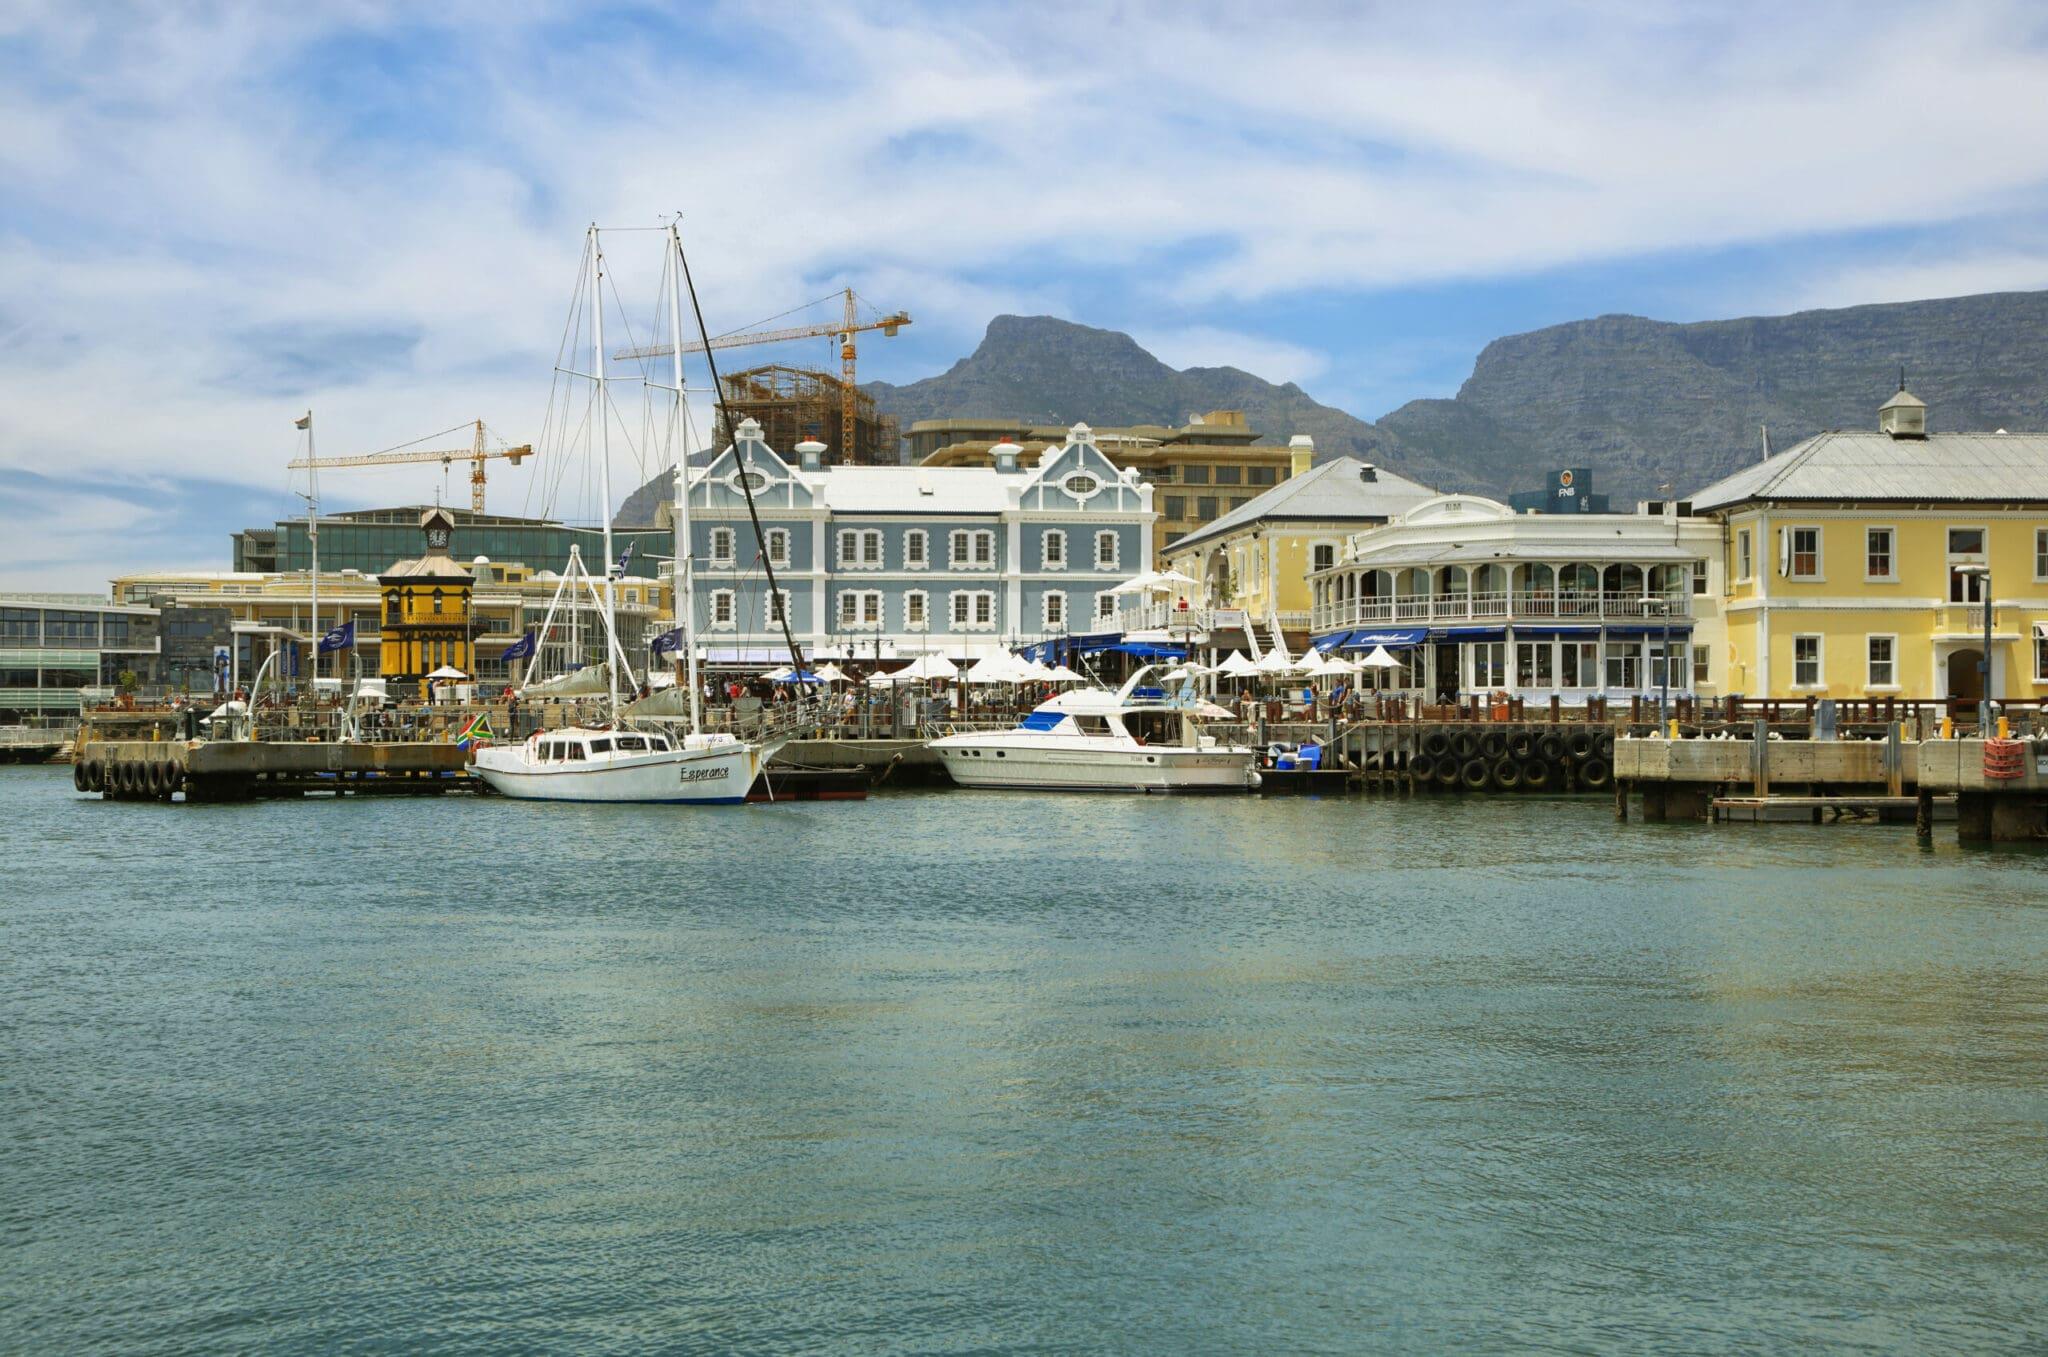 Südafrikanische Weine und Olivenöl - Sehenswertes rund um Kapstadt